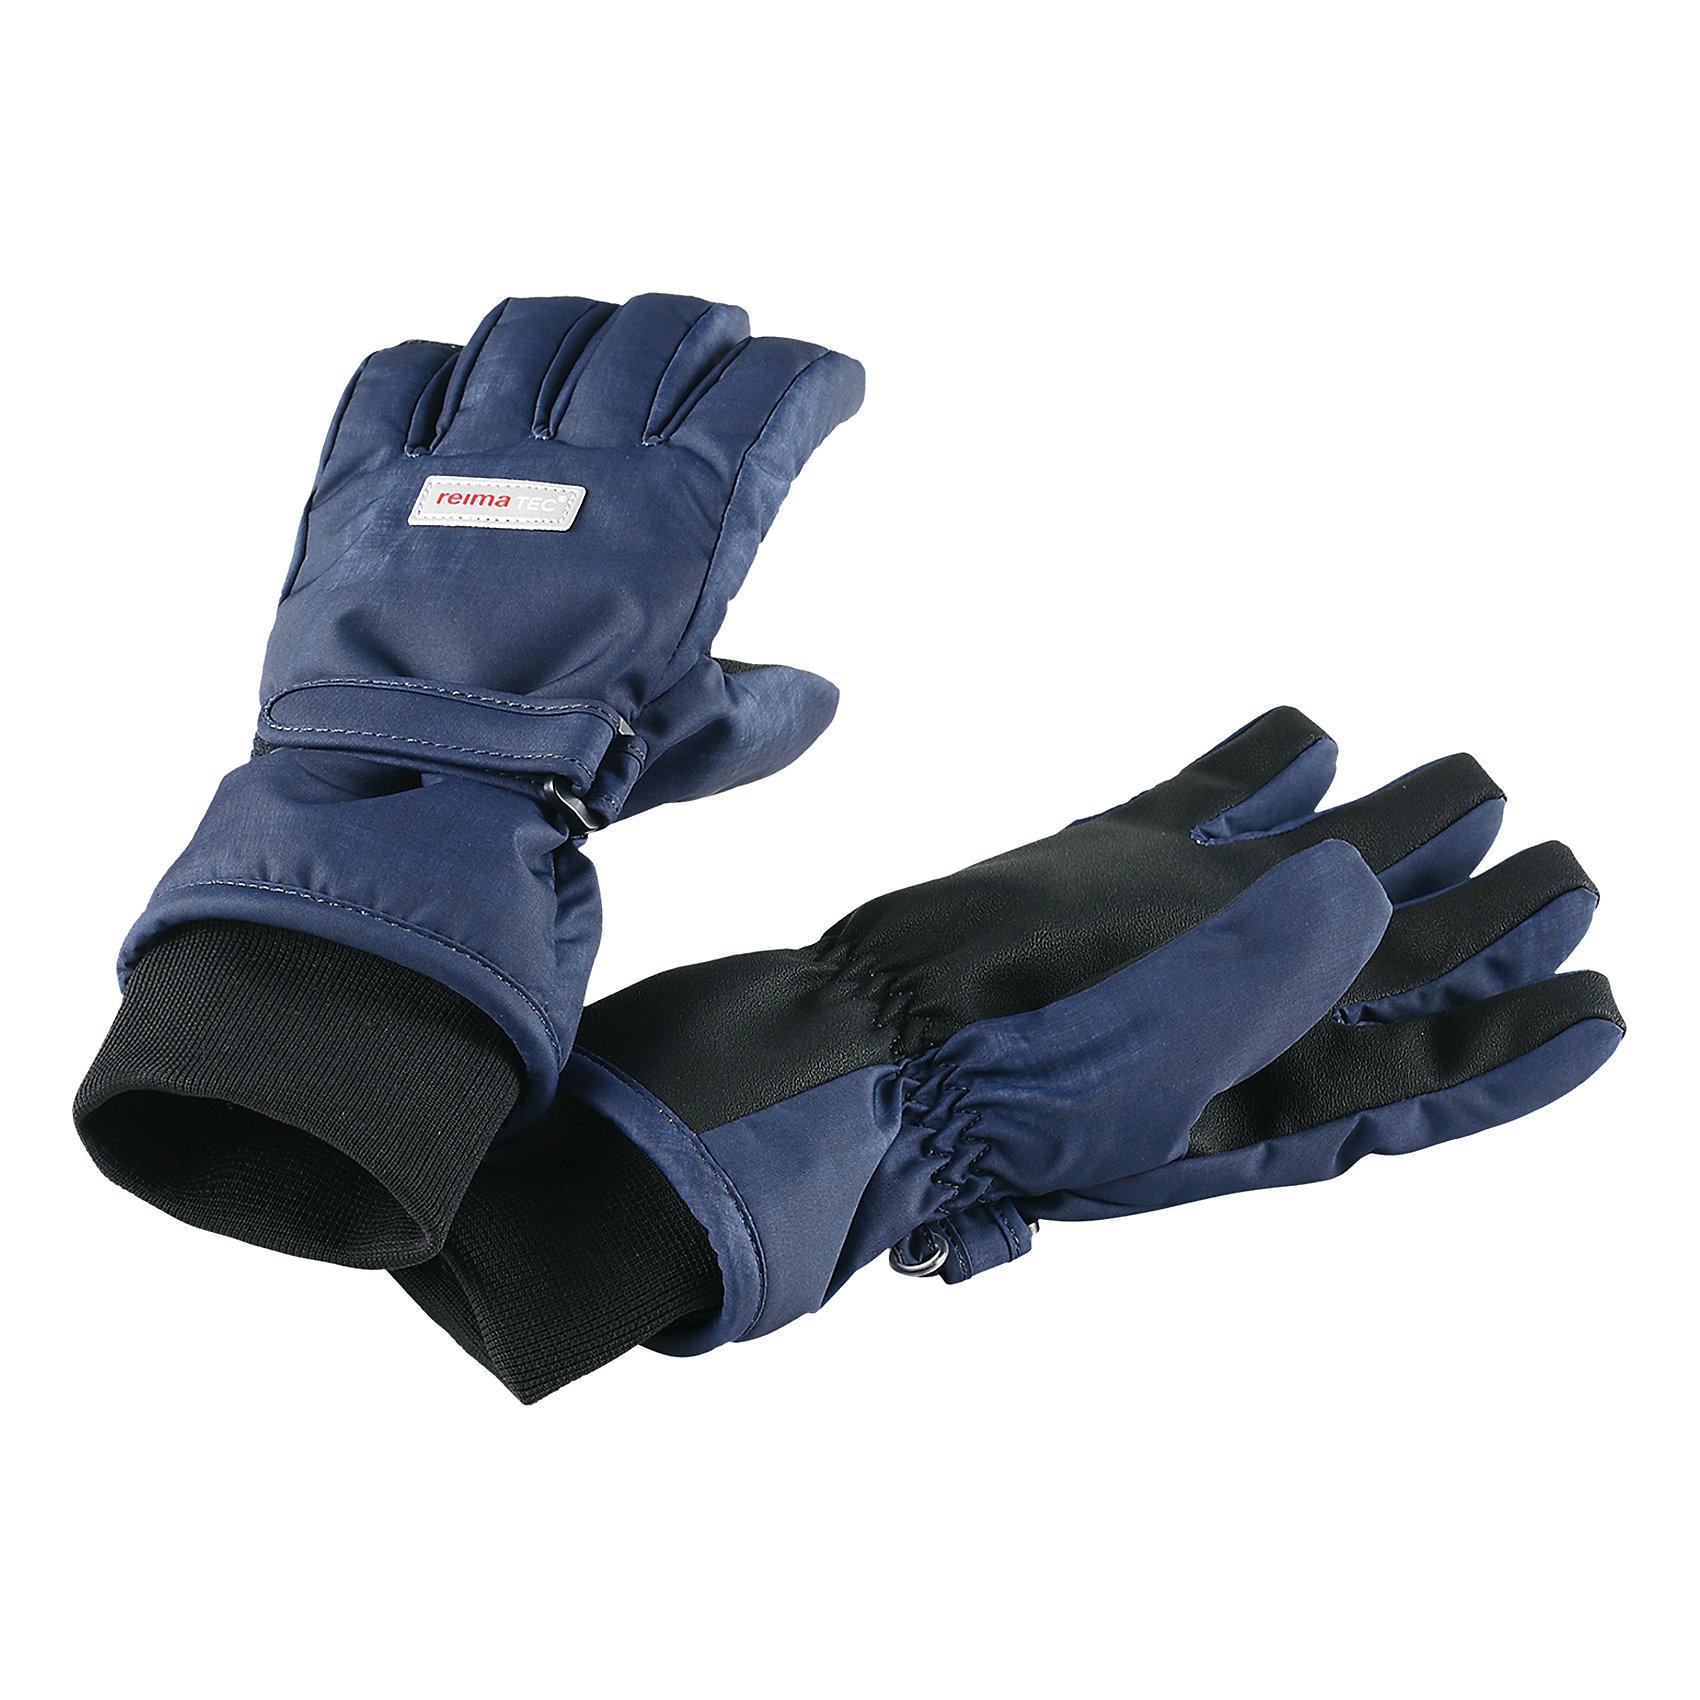 Перчатки Tartu Reimatec® ReimaПерчатки и варежки<br>Одно из наших лучших изделий – абсолютно водонепроницаемые, дышащие и эластичные детские зимние перчатки. Перчатки подбиты очень легким и невероятно согревающим утеплителем PrimaLoft®! Эти перчатки, сшитые из ветронепроницаемого и дышащего материала с водонепроницаемой мембраной Hipora, обеспечивают пальчикам тепло и сухость в любую погоду и в любых условиях! Теплая флисовая подкладка нежно касается кожи и создает ощущение уюта. <br><br>Усиления на ладони и пальцах гарантируют крепкий захват – играть в снежки стало еще веселее! Ну и конечно, светоотражающие детали – без них не обойтись. Эти простые в уходе перчатки сшиты из из водо- и грязеотталкивающего материала, но при этом их можно сушить в сушильной машине!<br>Состав:<br>100% Полиэстер<br><br>Ширина мм: 162<br>Глубина мм: 171<br>Высота мм: 55<br>Вес г: 119<br>Цвет: синий<br>Возраст от месяцев: 144<br>Возраст до месяцев: 168<br>Пол: Унисекс<br>Возраст: Детский<br>Размер: 8,3,4,5,6,7<br>SKU: 6902397